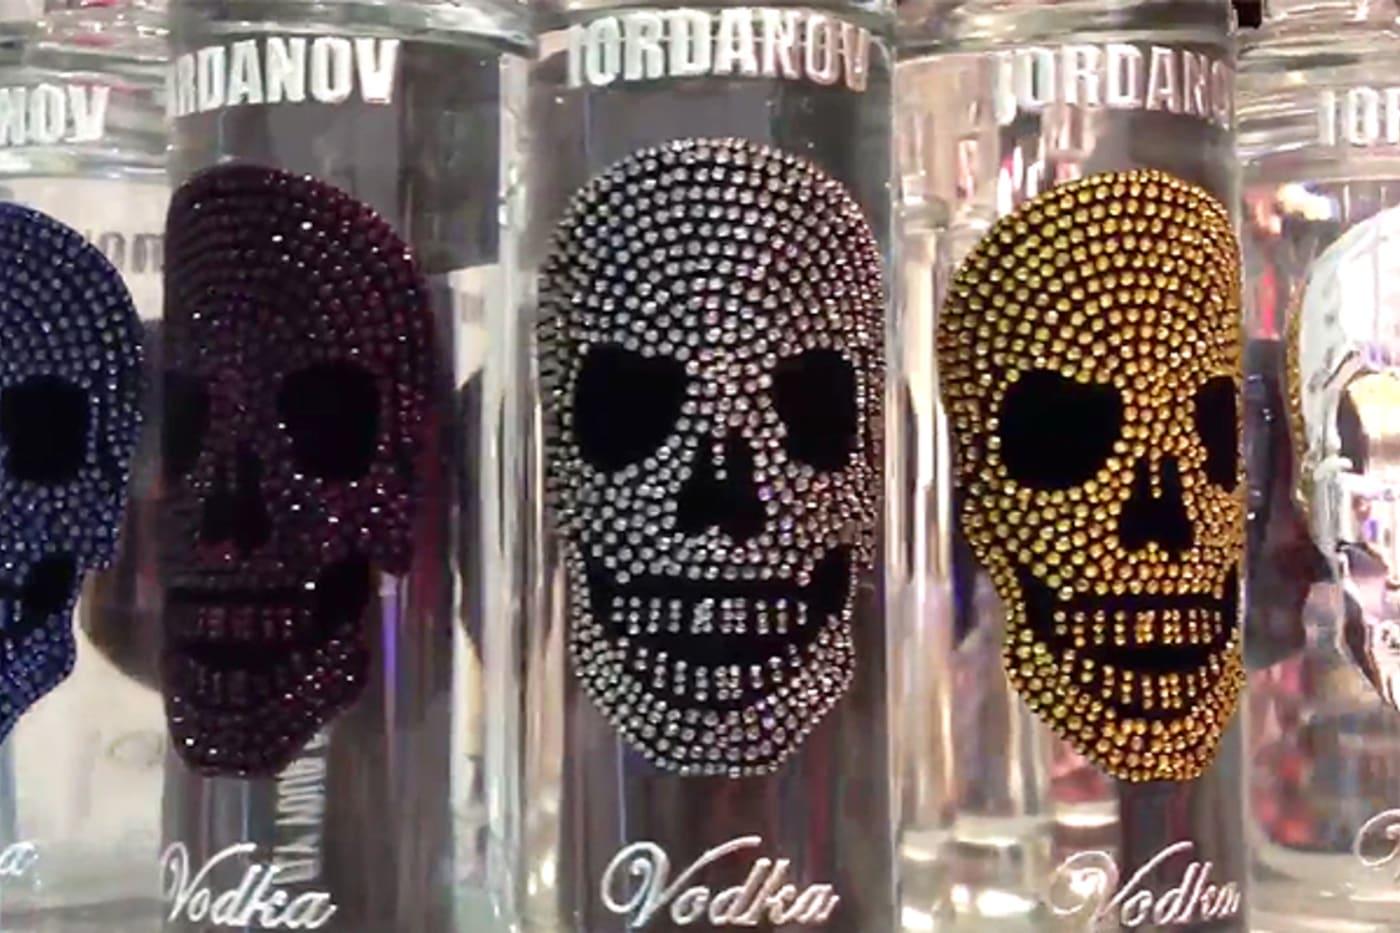 most expensive vodka iordanov vodka